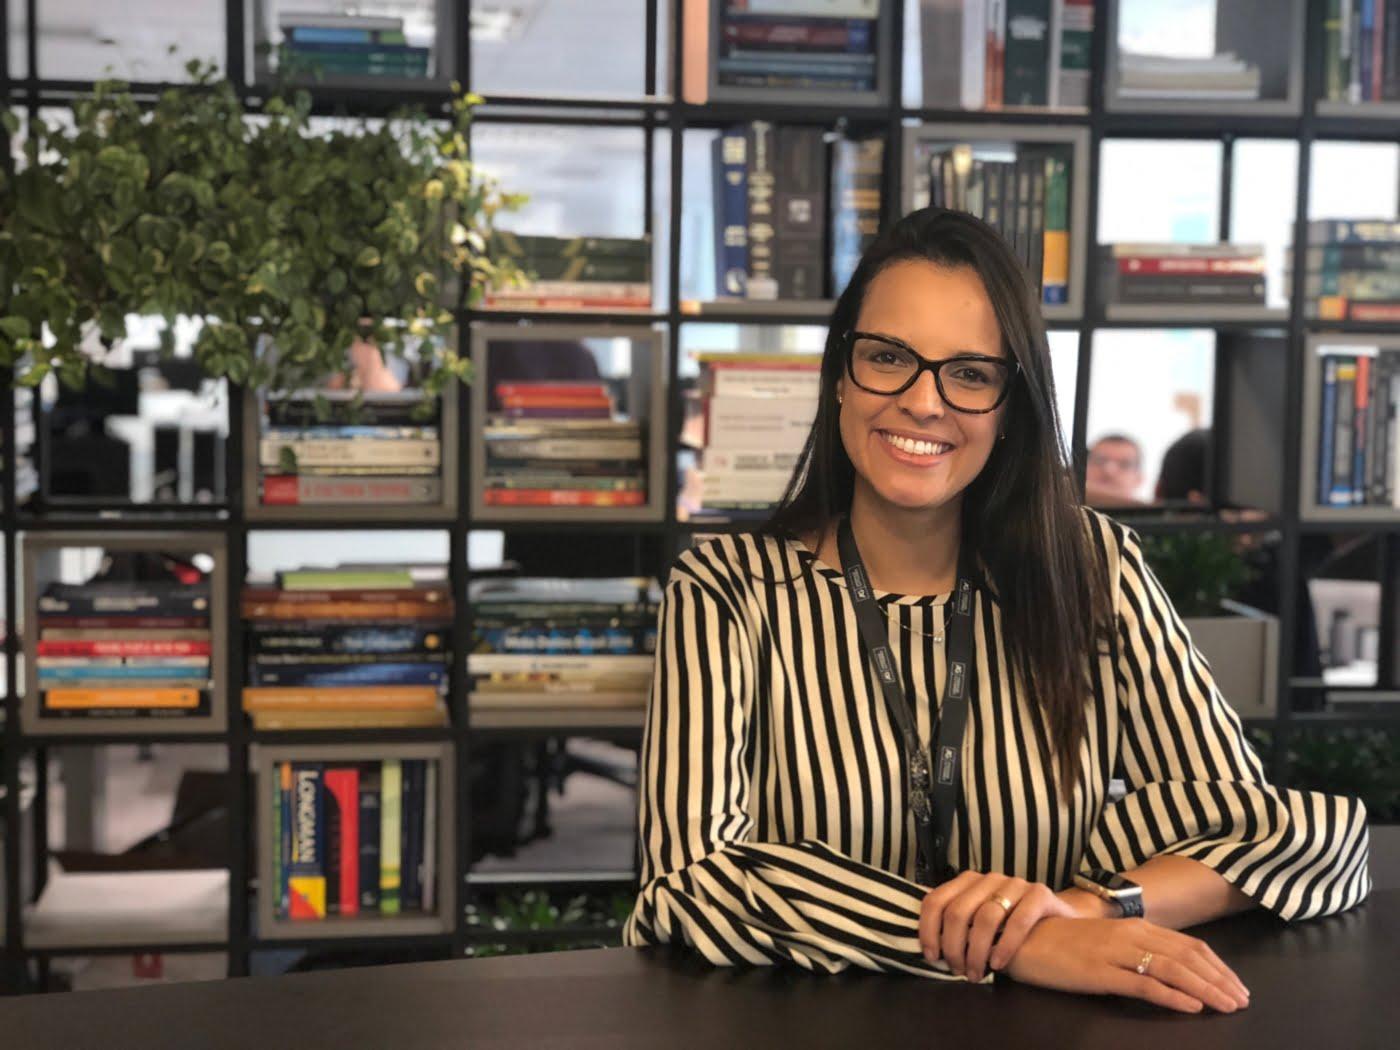 Gláucia Alves, Diretora de Inovação da Andrade Gutierrez, está na construtora há 10 anos, viveu o turbilhão da crise política e lidera o processo de transformação na empresa.